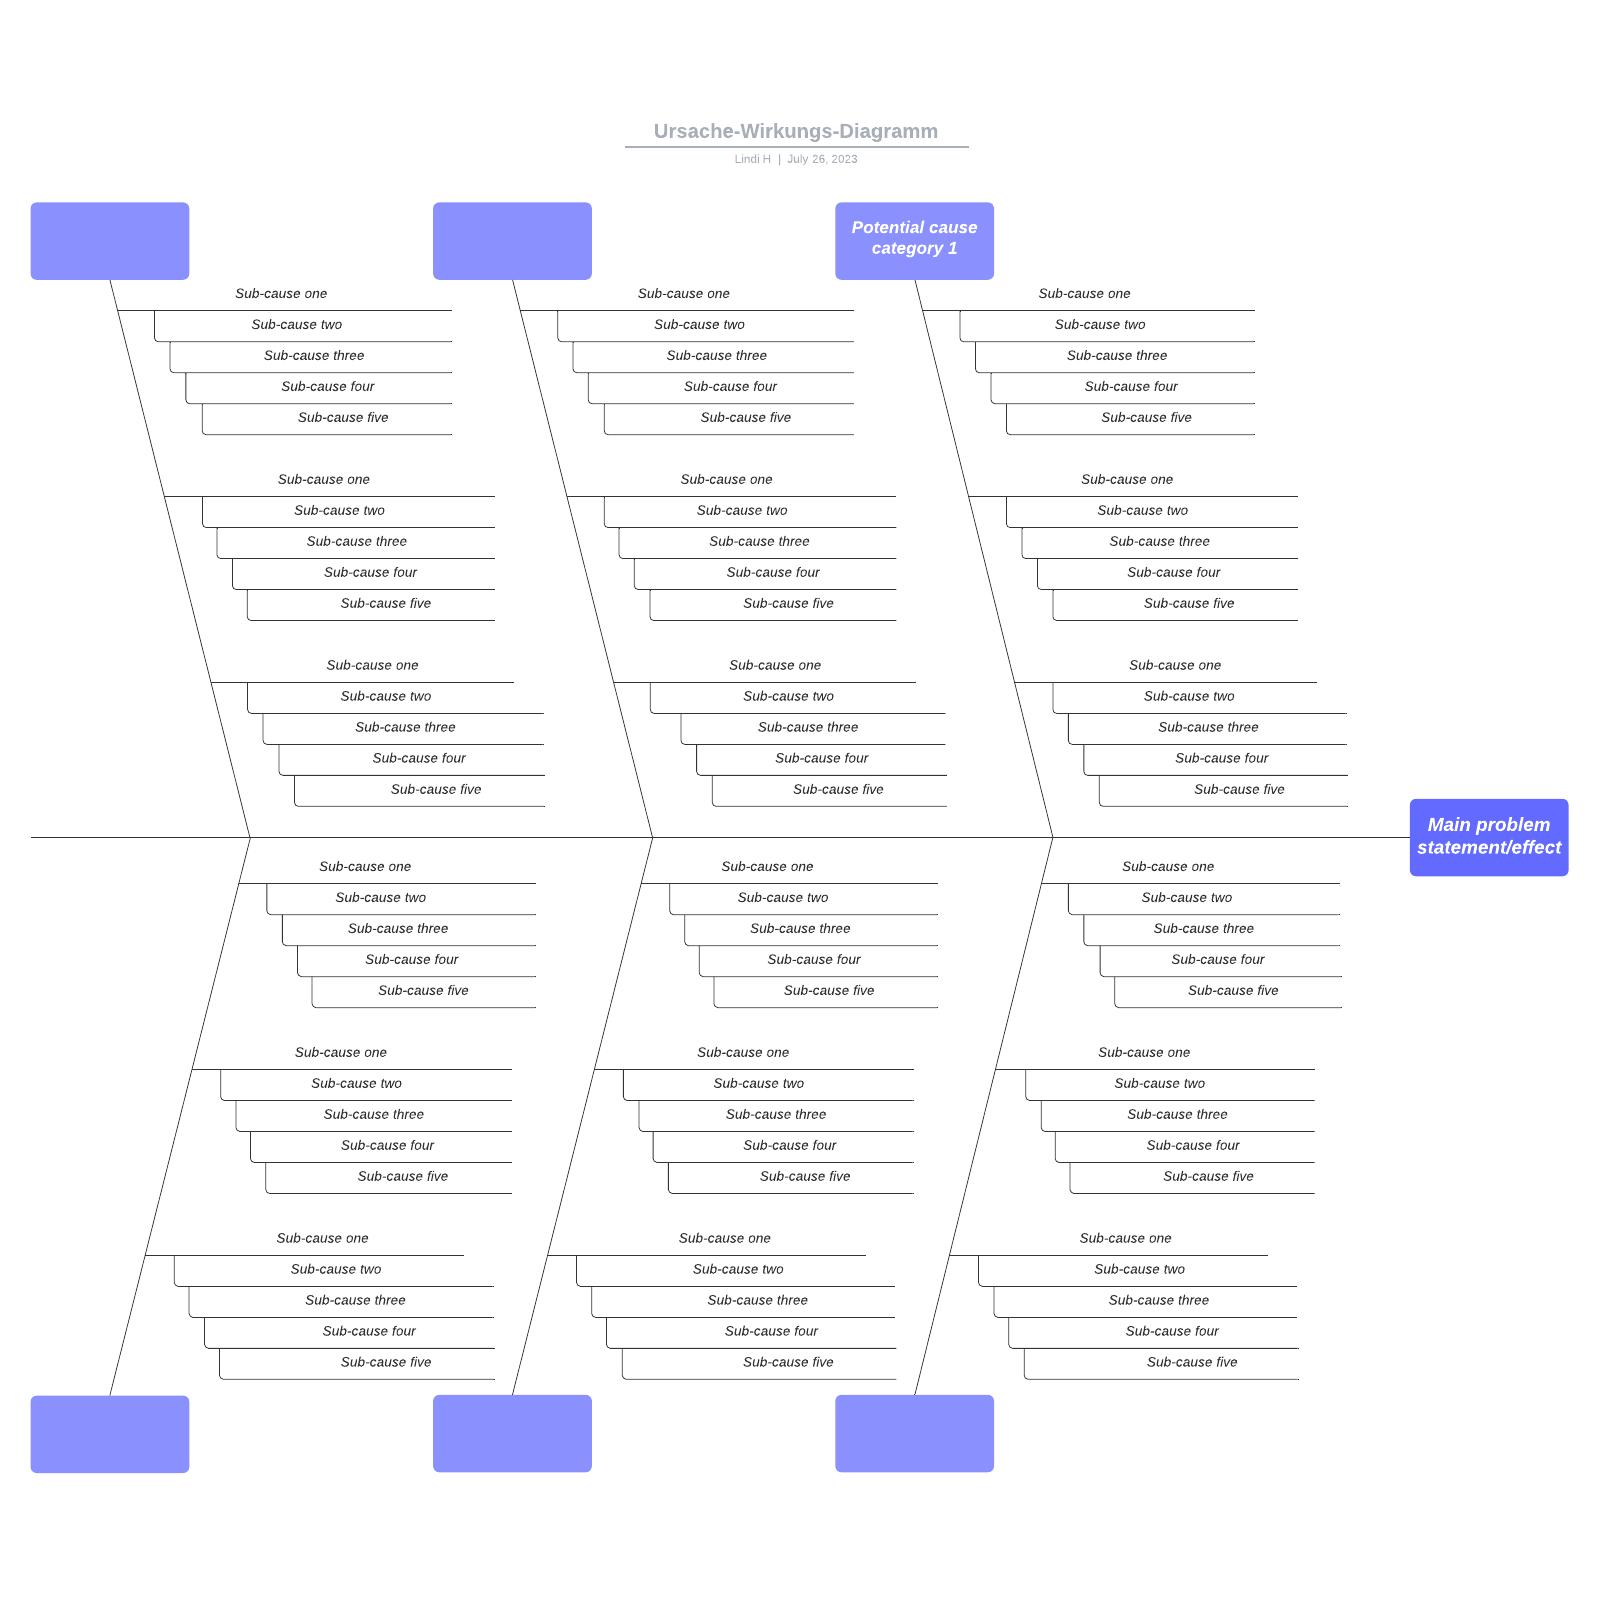 Ursache-Wirkungs-Diagramm - Vorlage